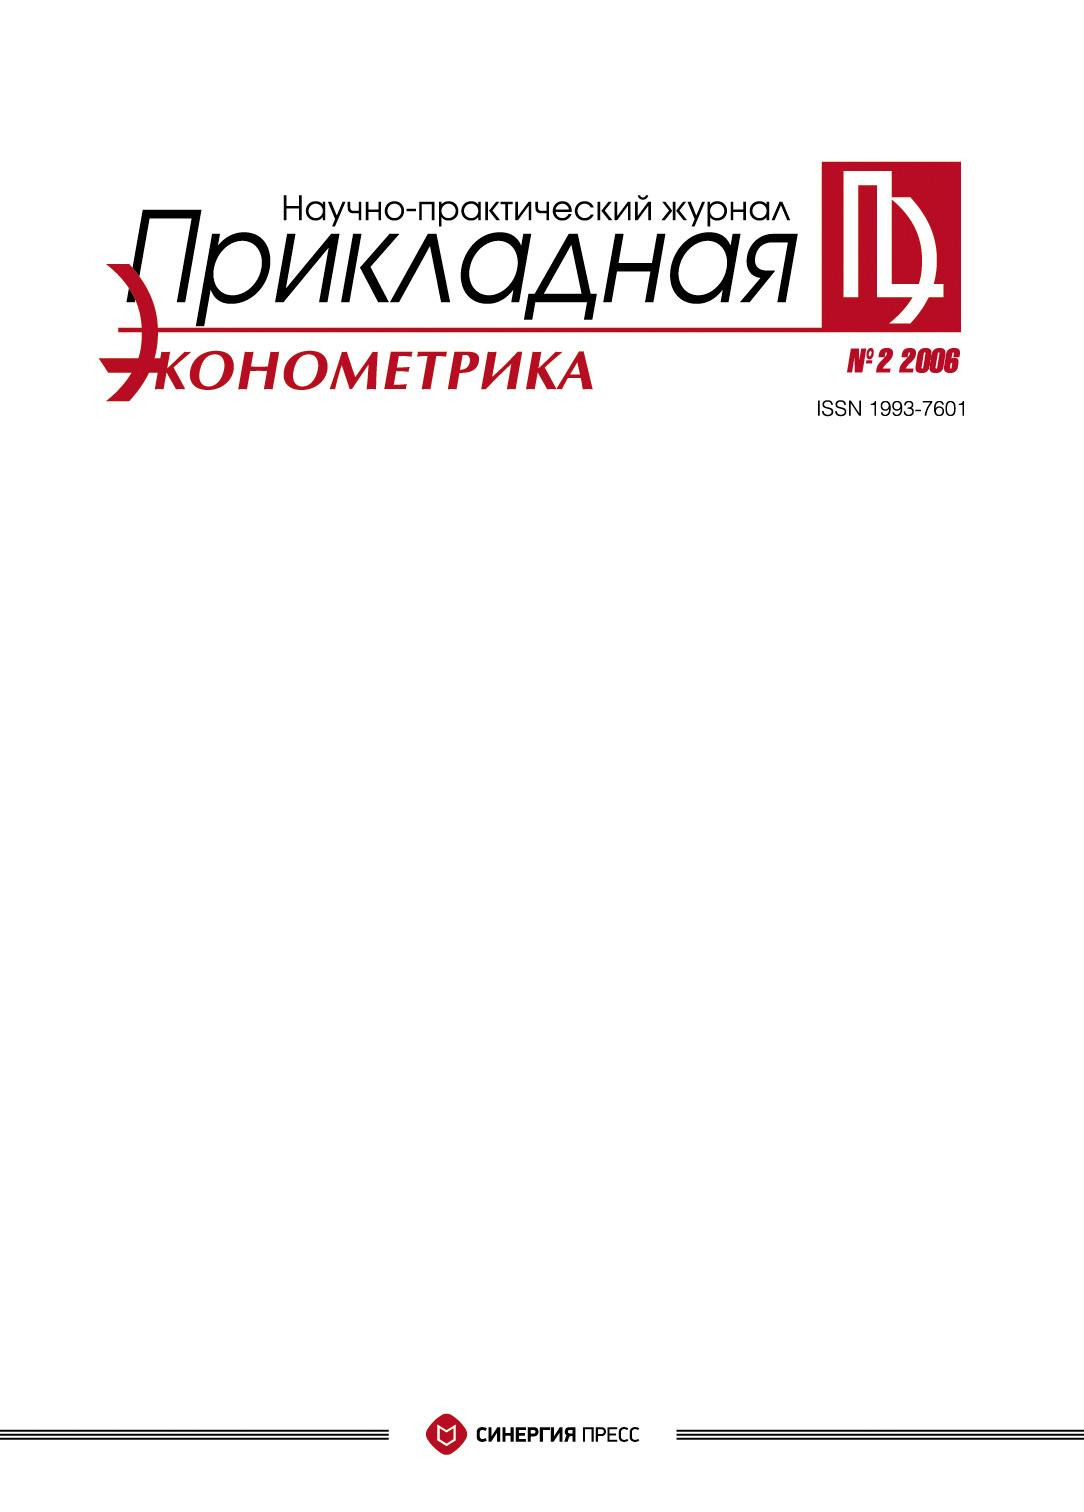 Отсутствует Прикладная эконометрика №2 2006 отсутствует журнал человек без границ 2 03 2006